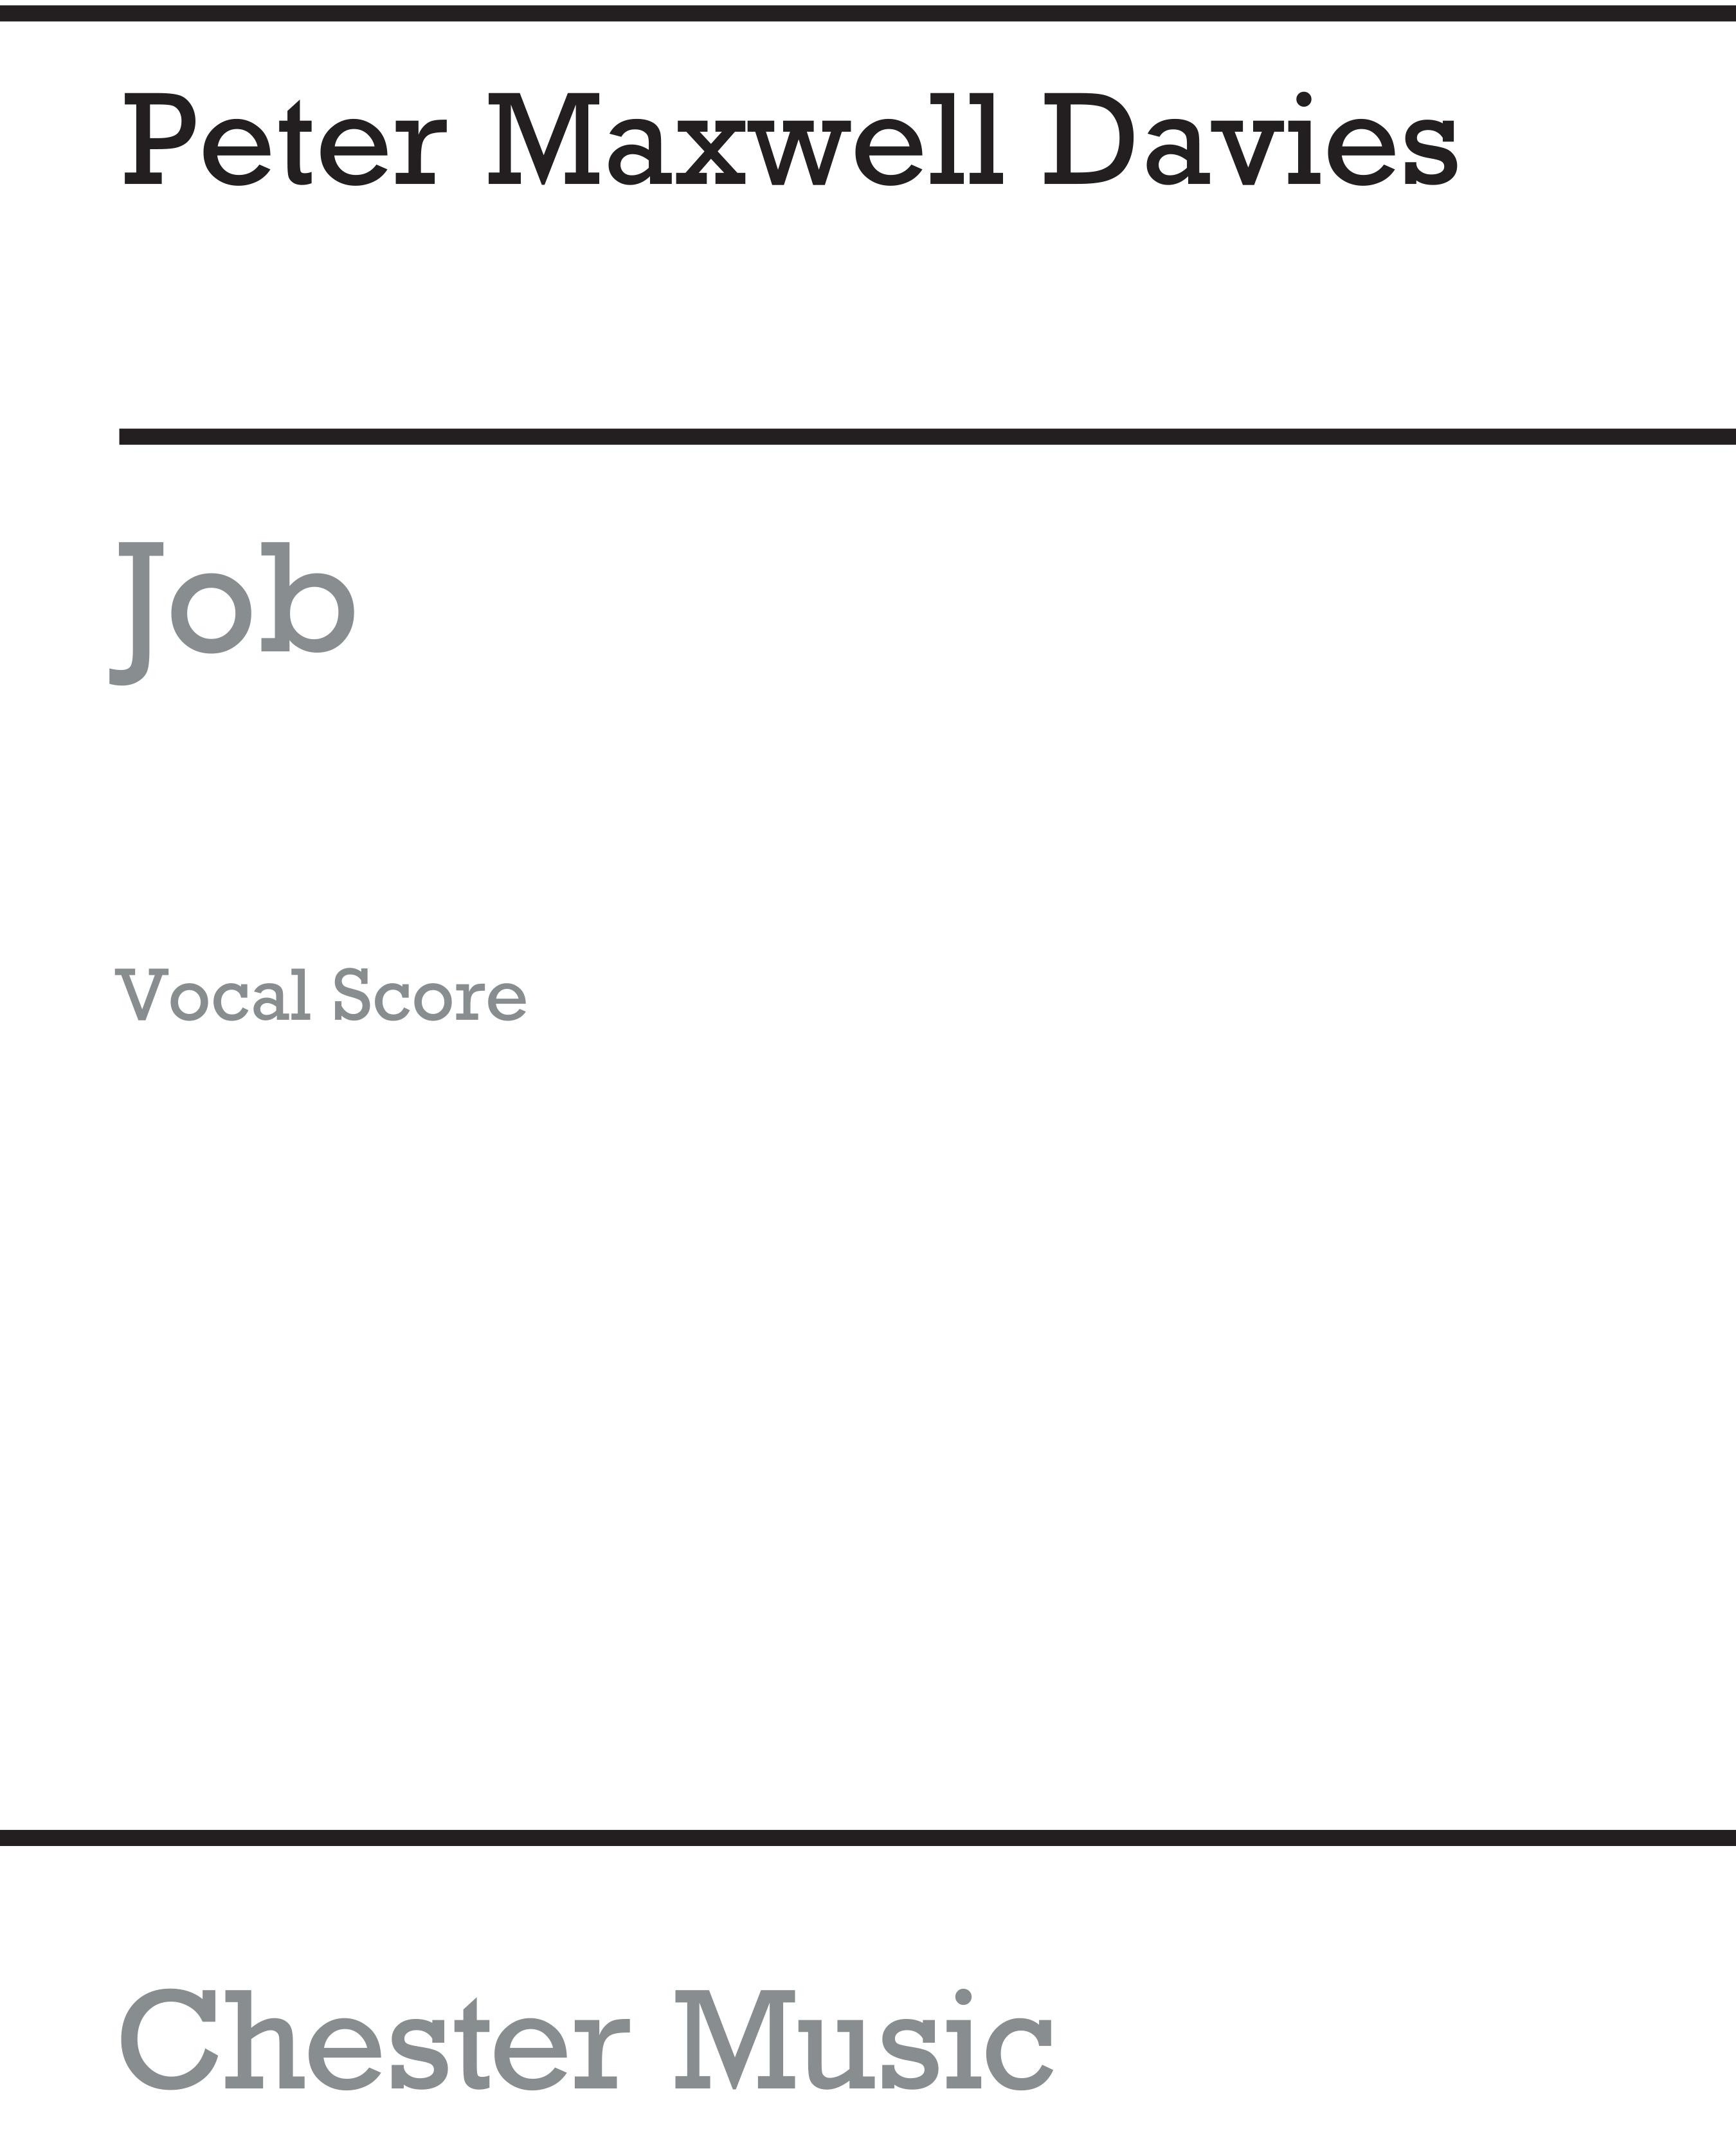 Peter Maxwell Davies: Peter Maxwell Davies: SATB: Vocal Score